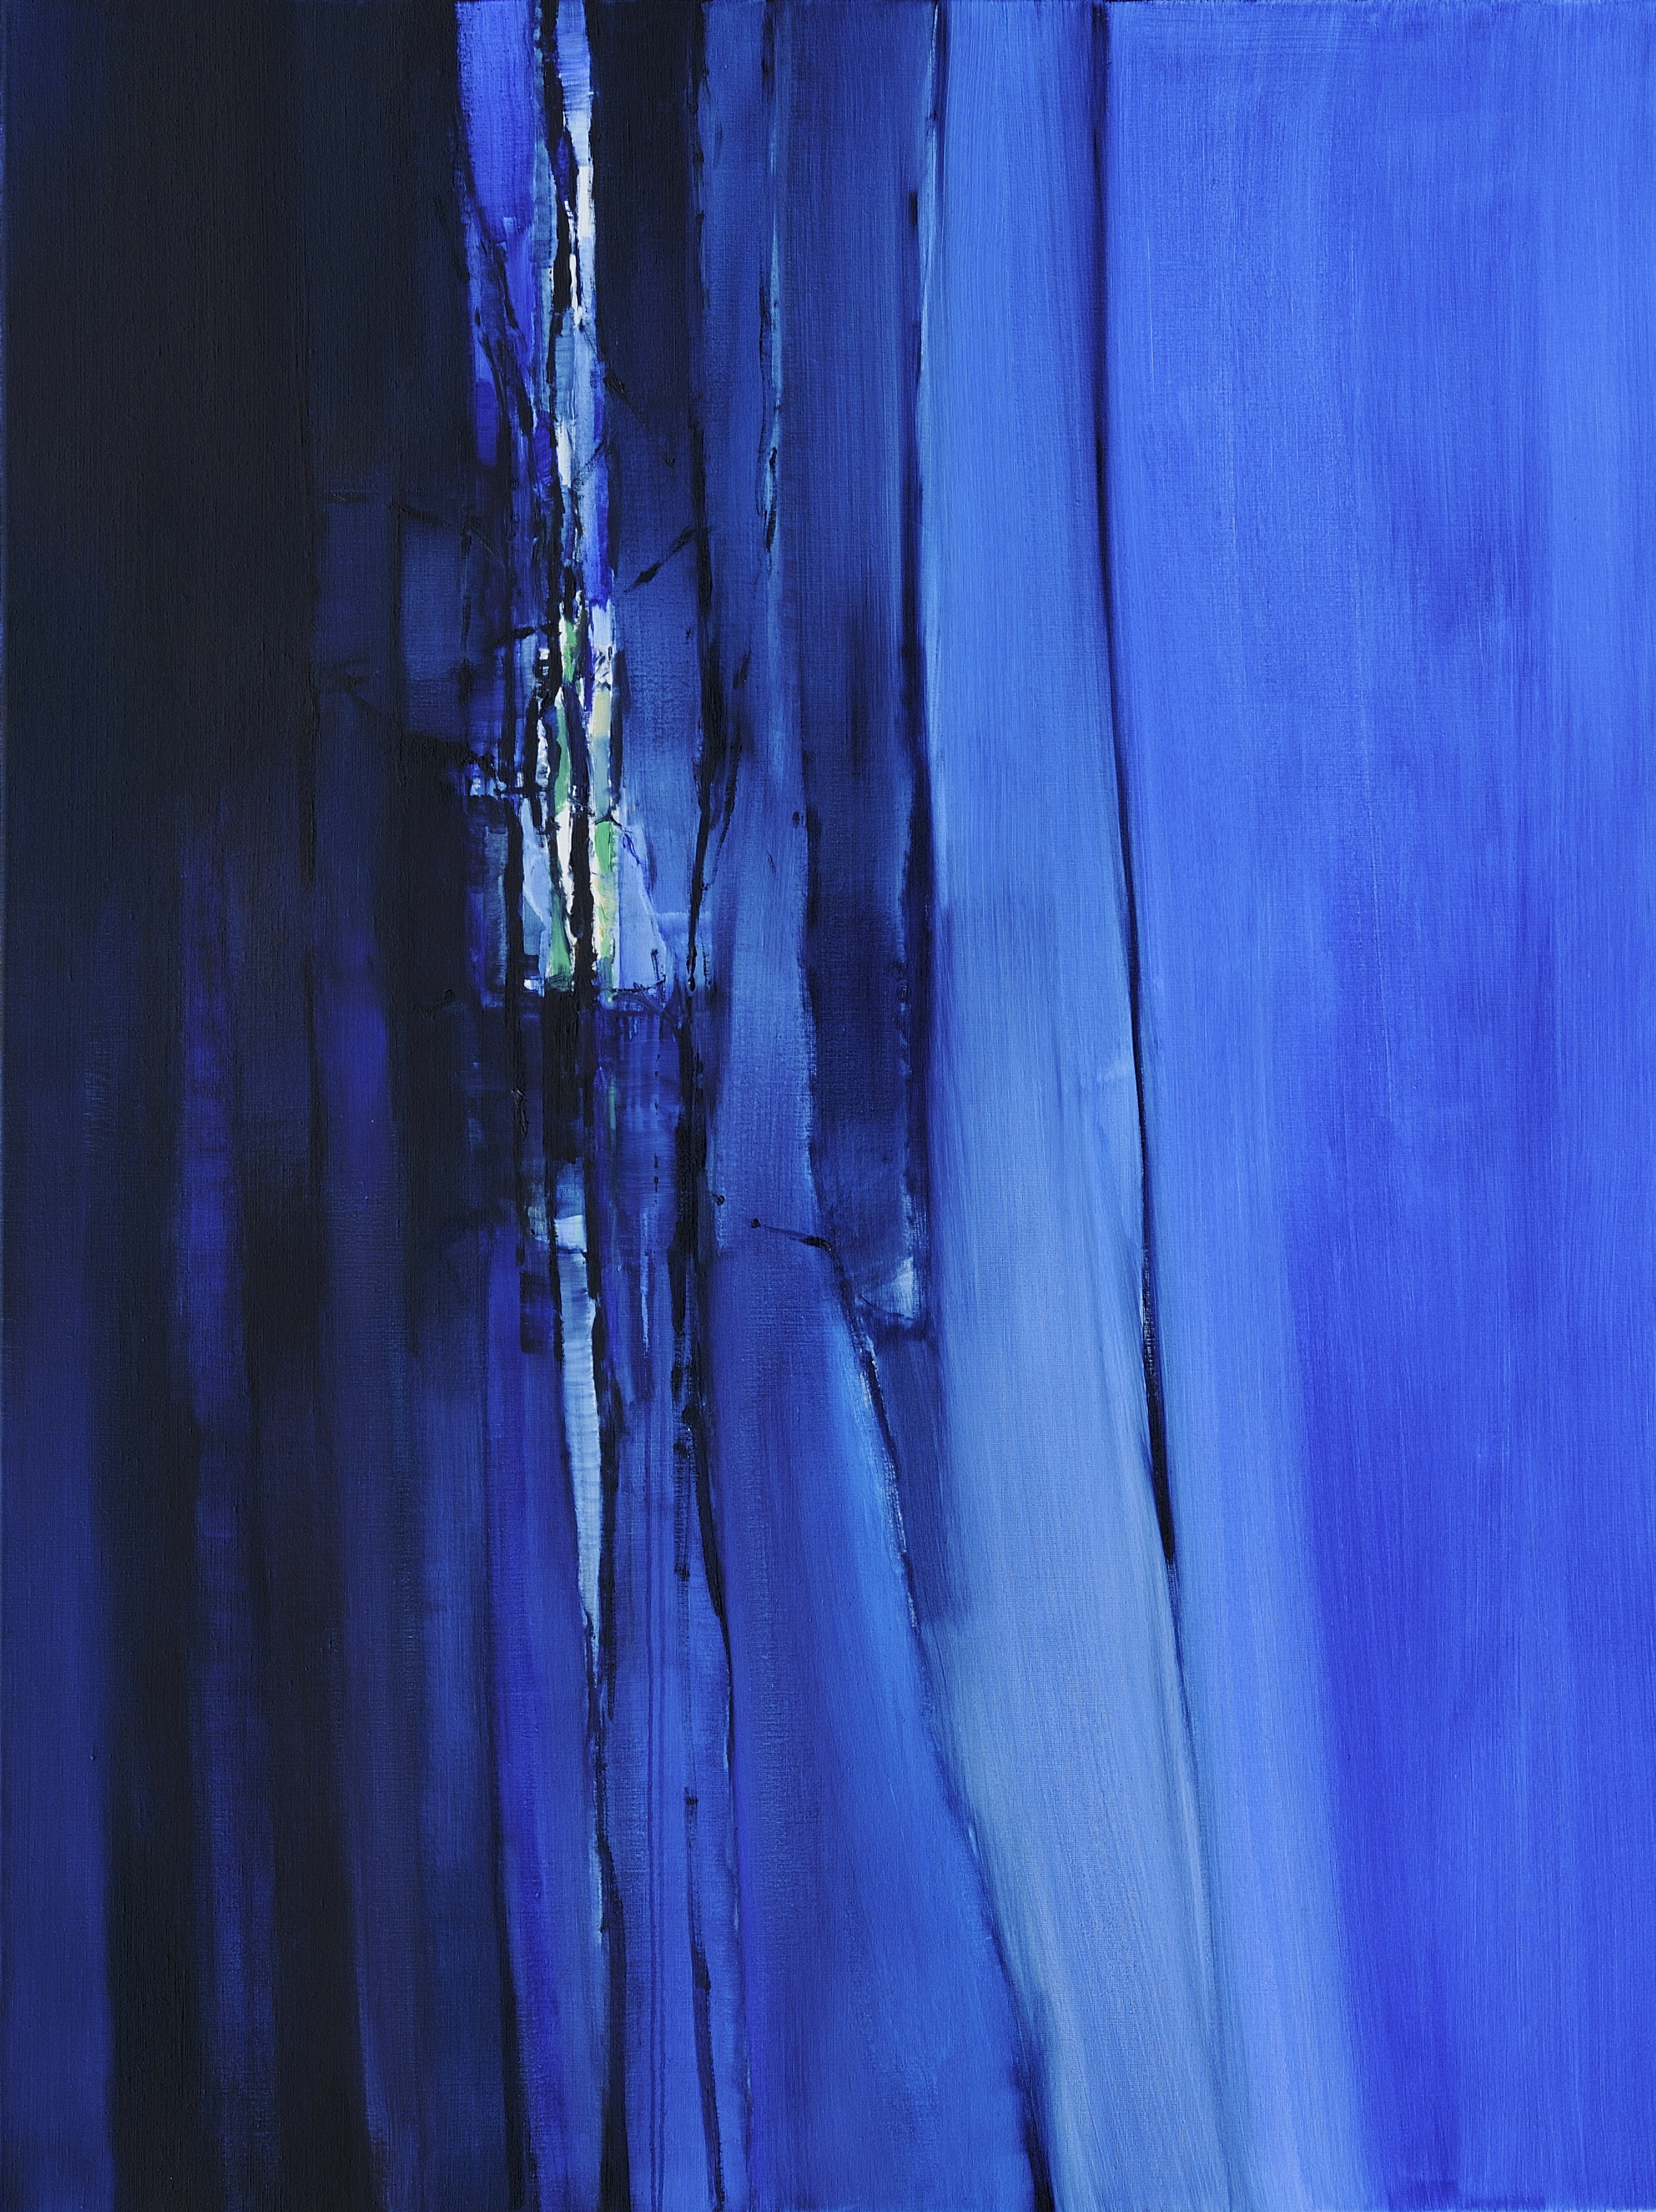 Grande Bleue 7